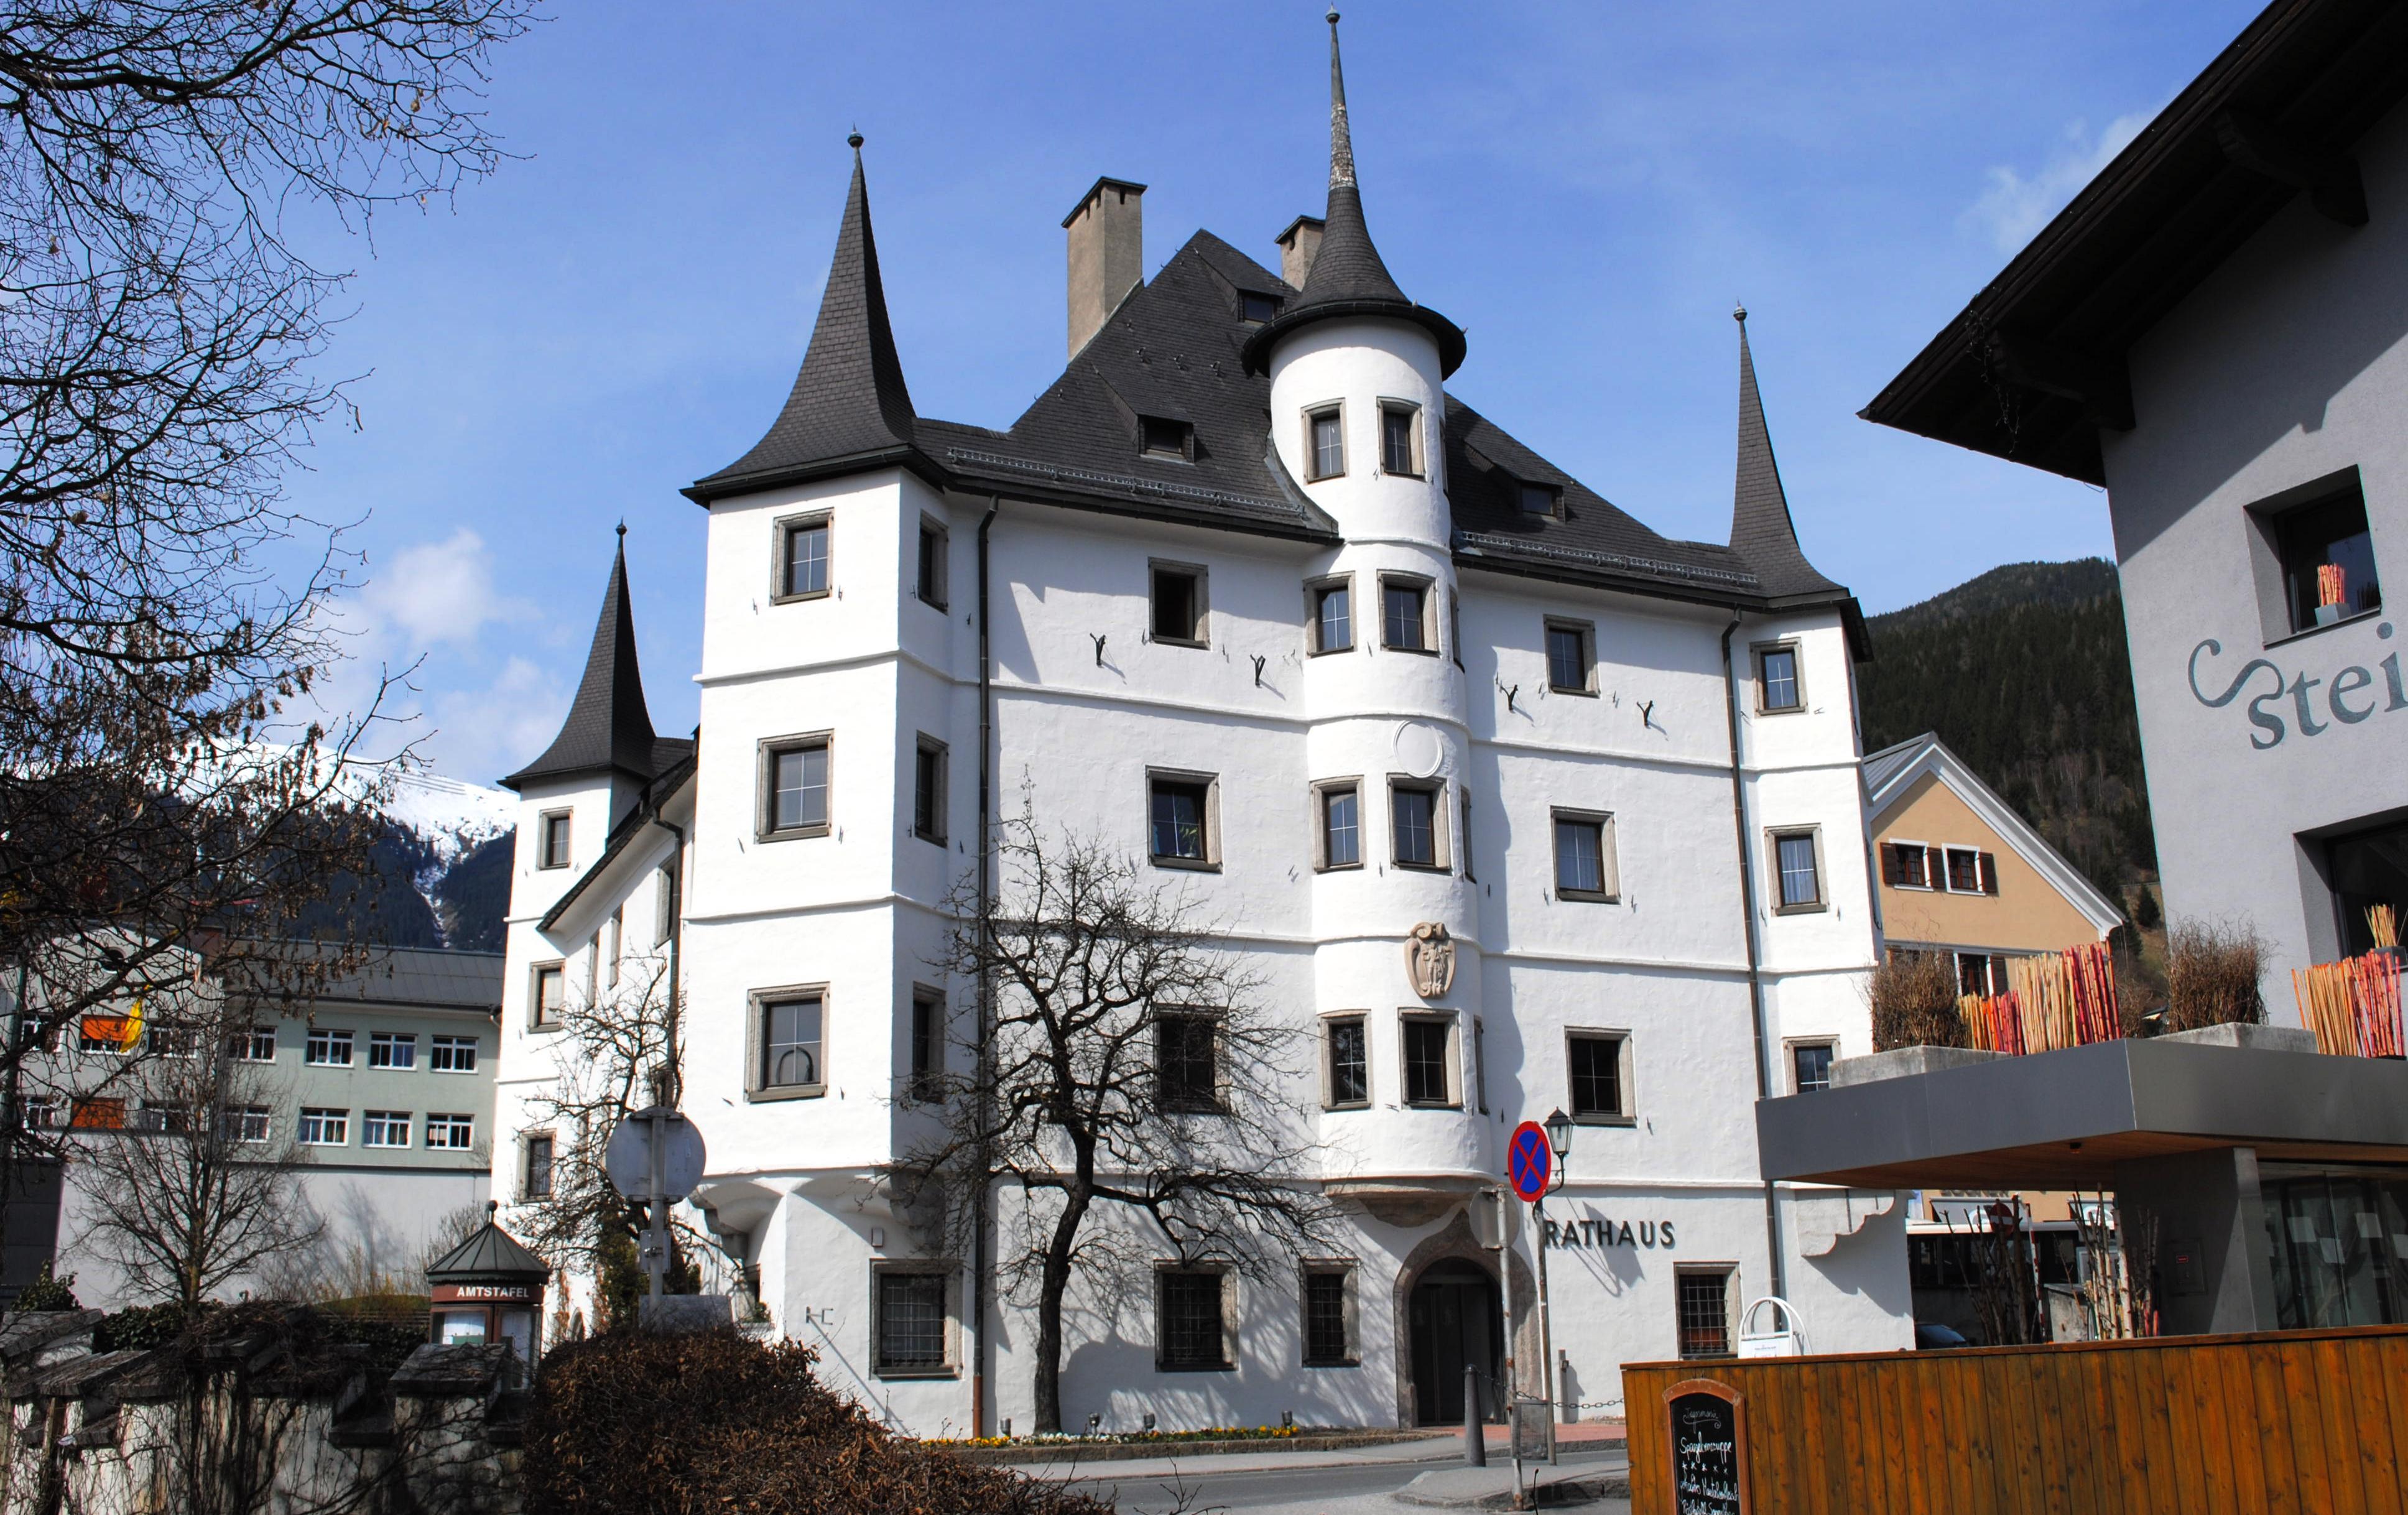 Sola Hotel Und Restaurant Betriebs Gmbh